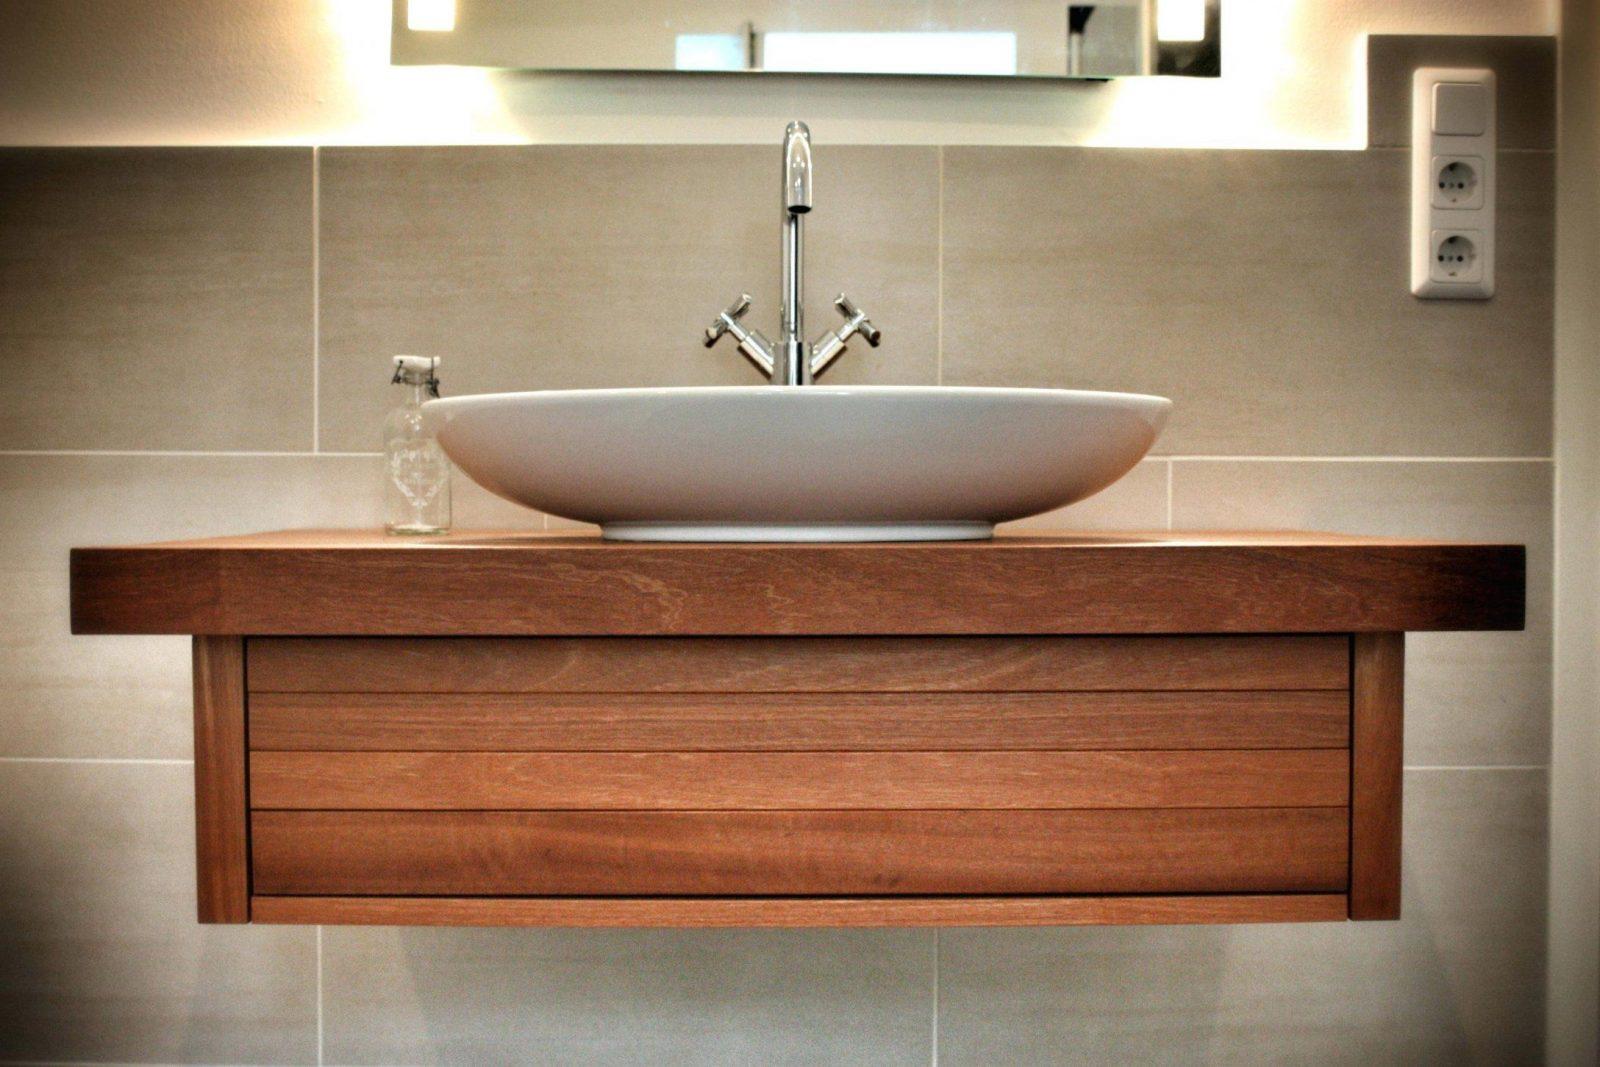 Waschbecken Unterschrank Selber Machen Lovely von Waschbeckenunterschrank Holz Selber Bauen Bild